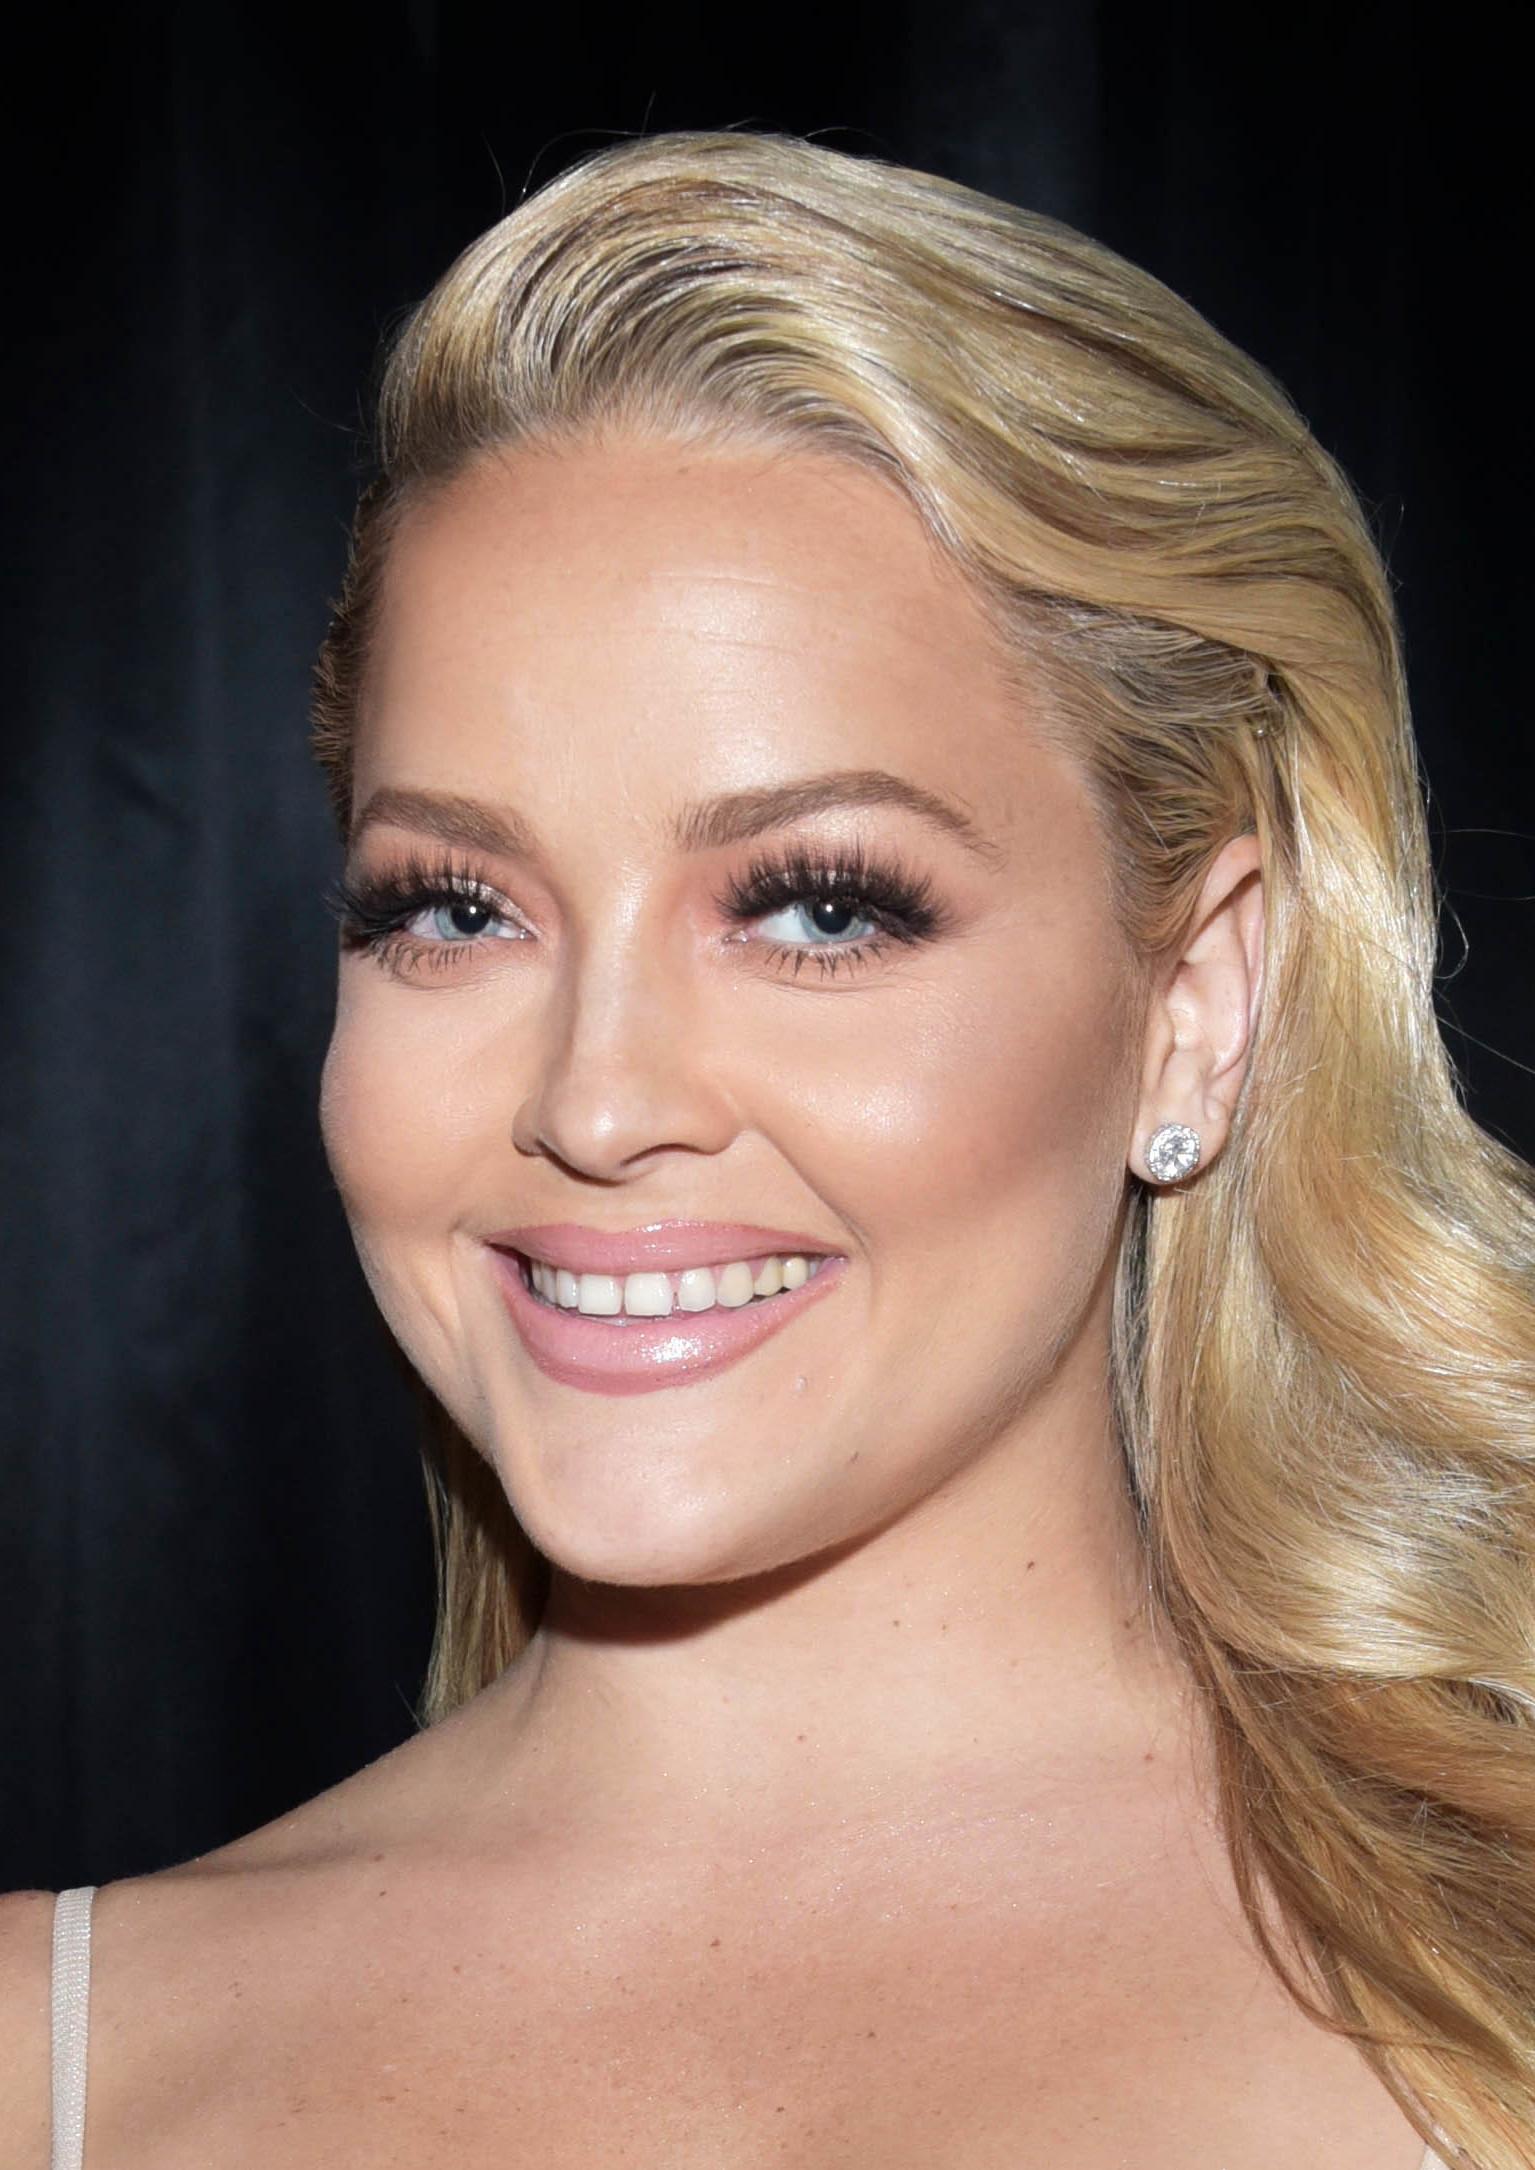 Porn star girl alexis texas porn image